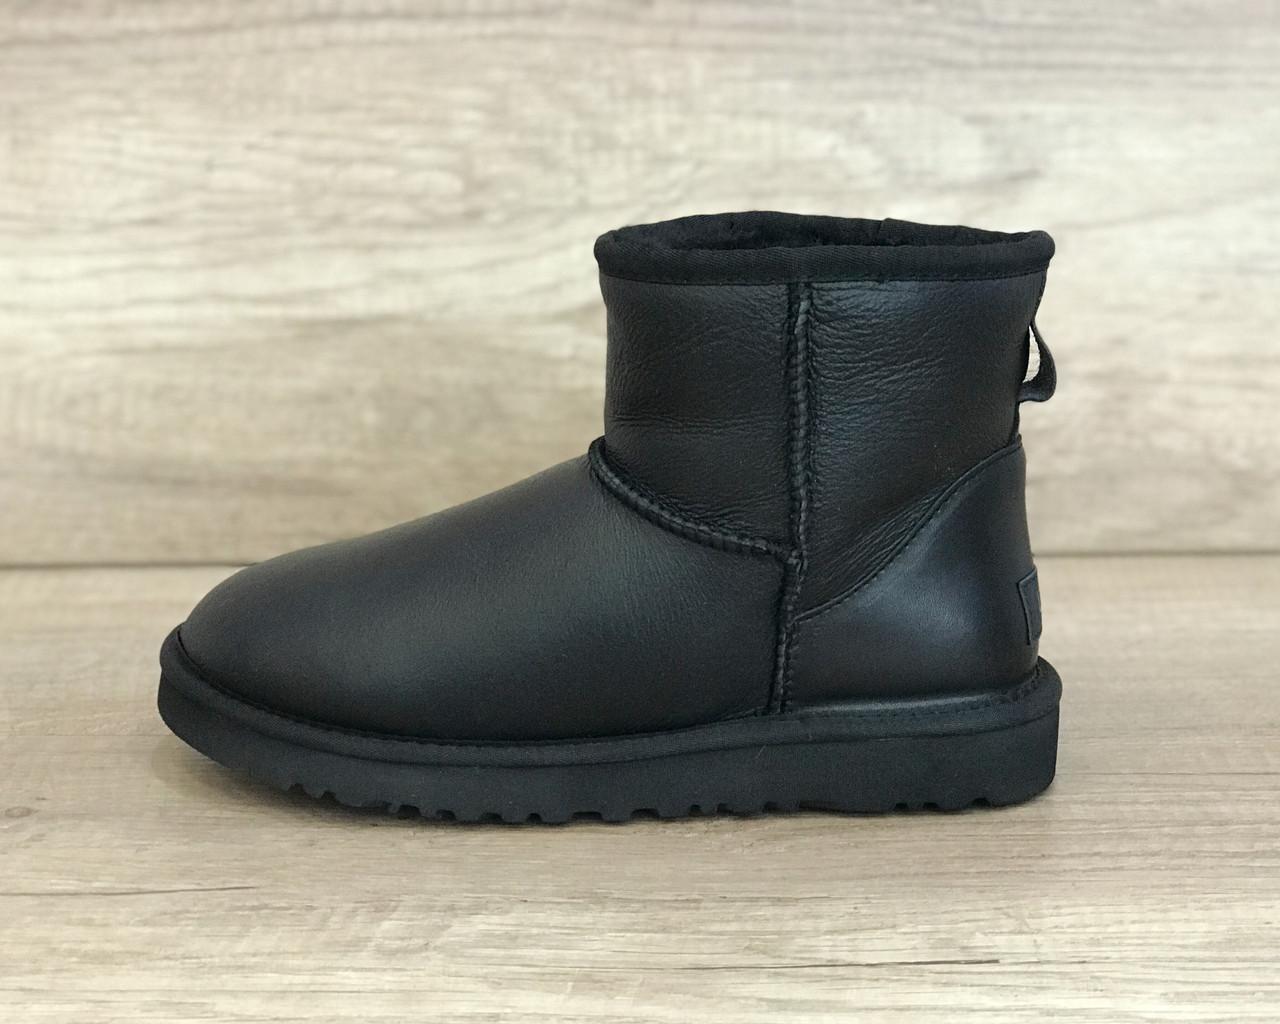 Угги черные кожаные Мини Классик II, UGG Mini Classic II Metallic Black